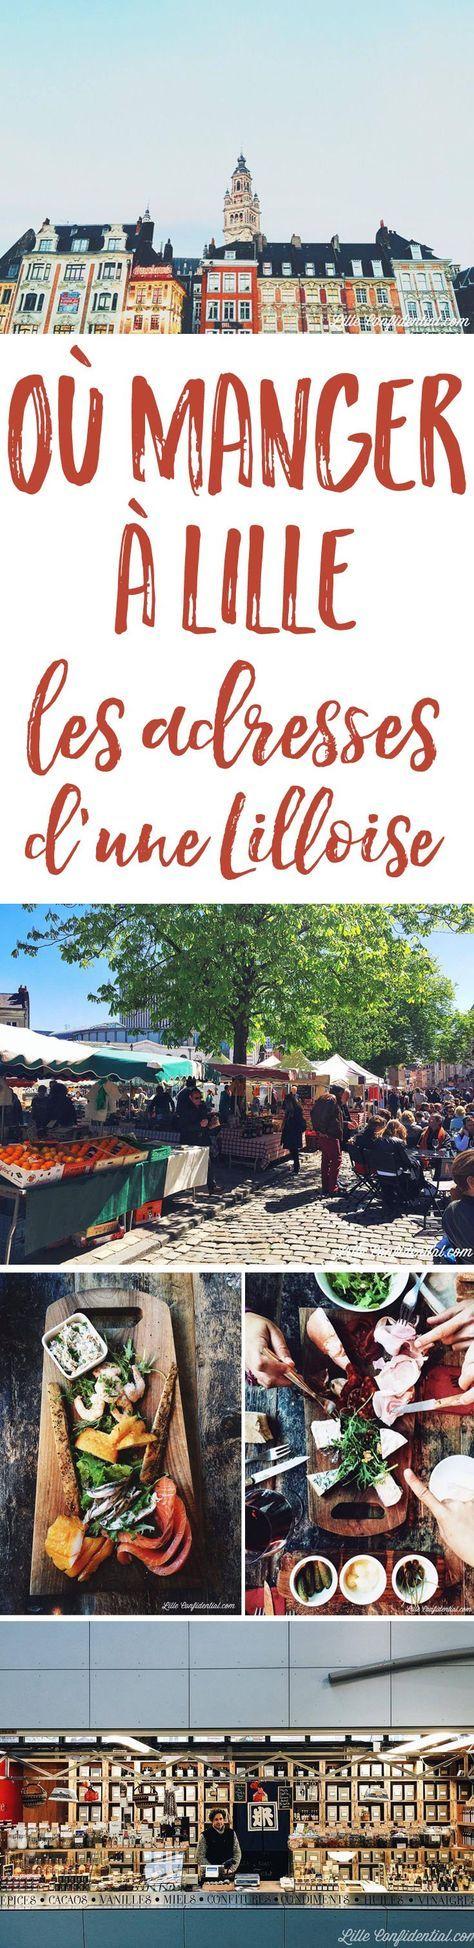 Vous prévoyez un petit weekend gourmand à Lille ? Ne manquez pas cette sélection de bonnes adresses partagées par une Lilloise !